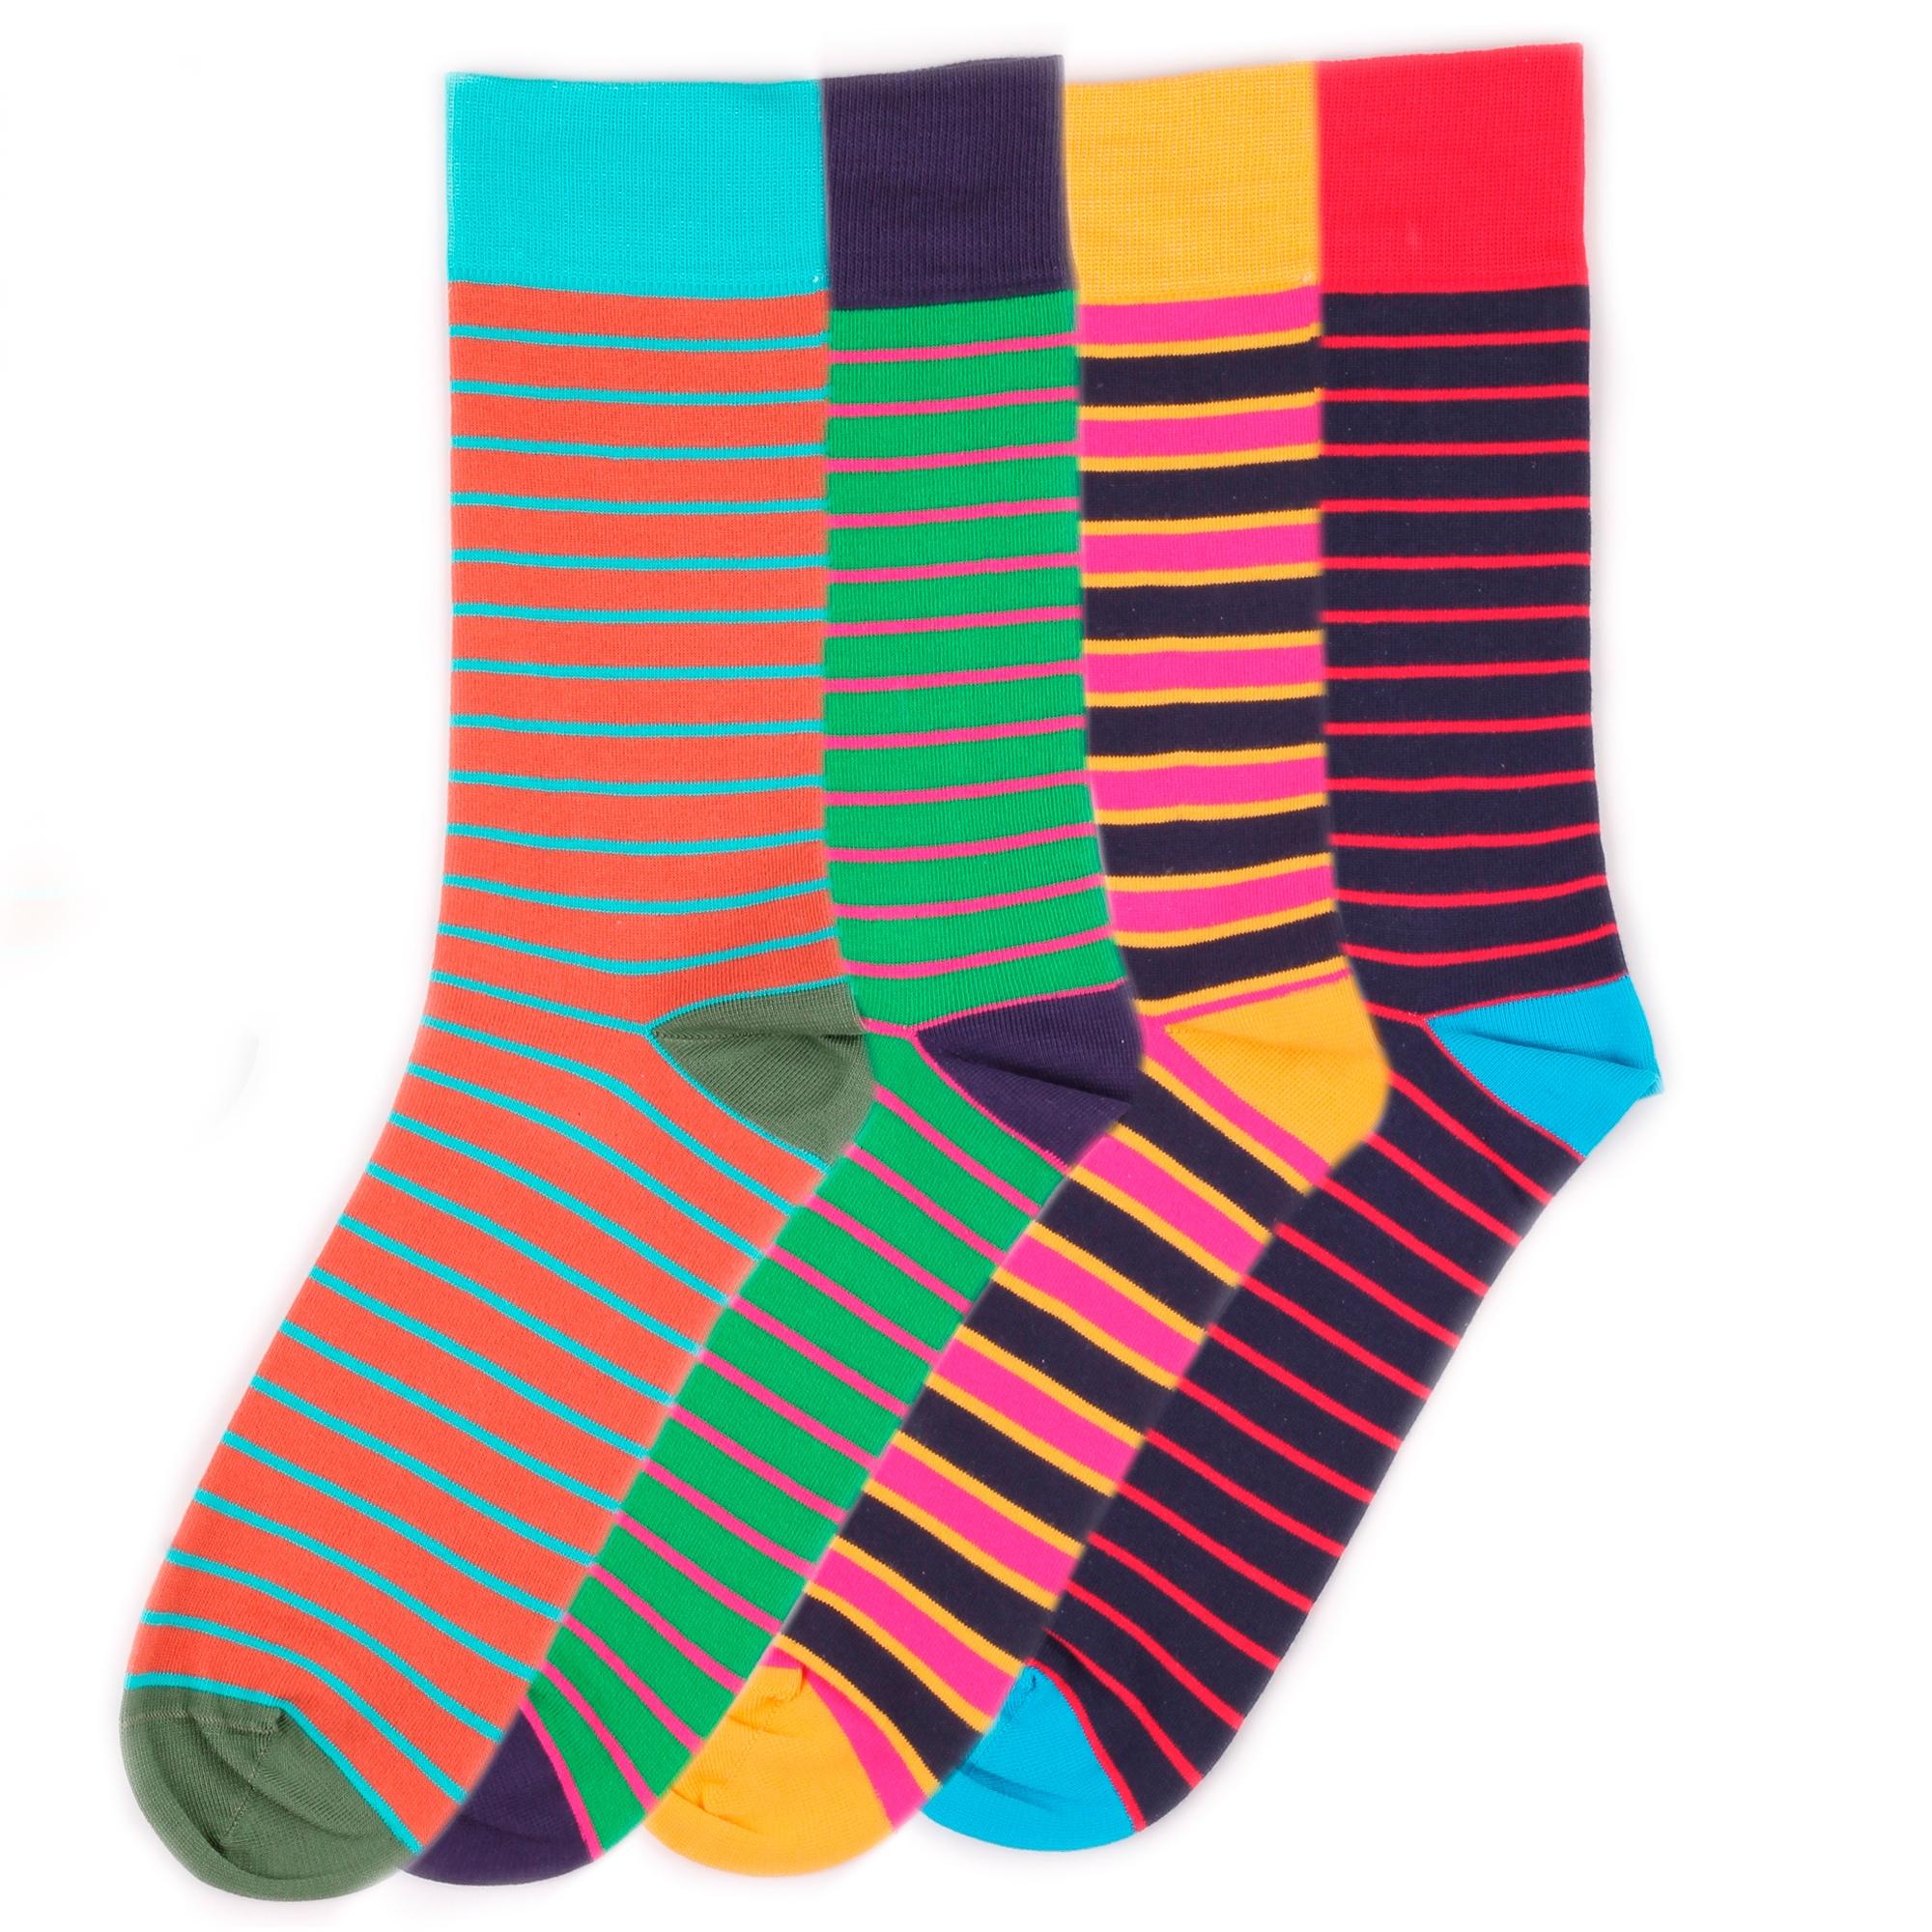 Набор носков Burning heels Horizontal Stripes разноцветный 39-41